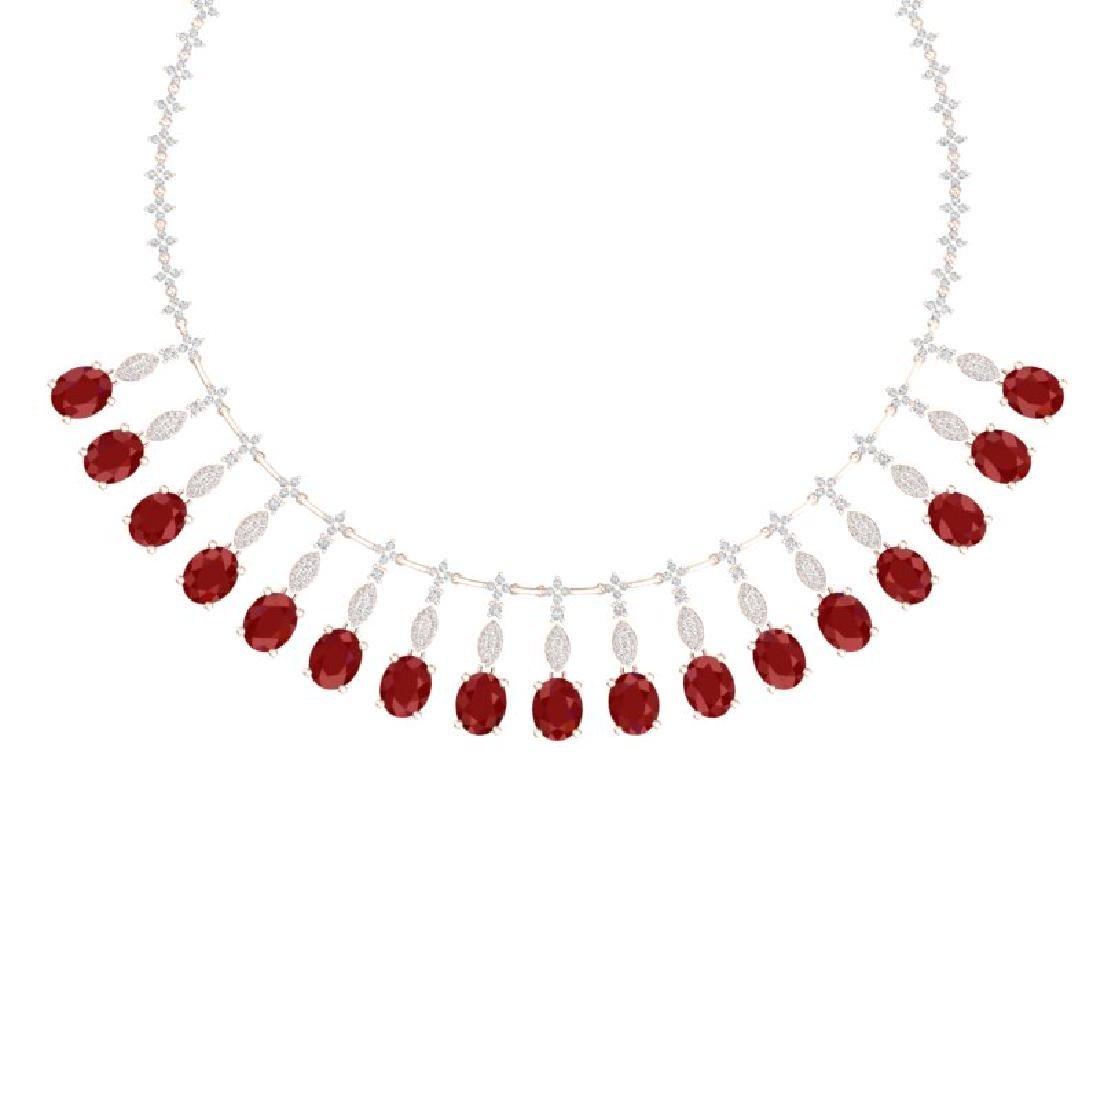 65.62 CTW Royalty Ruby & VS Diamond Necklace 18K Rose - 2